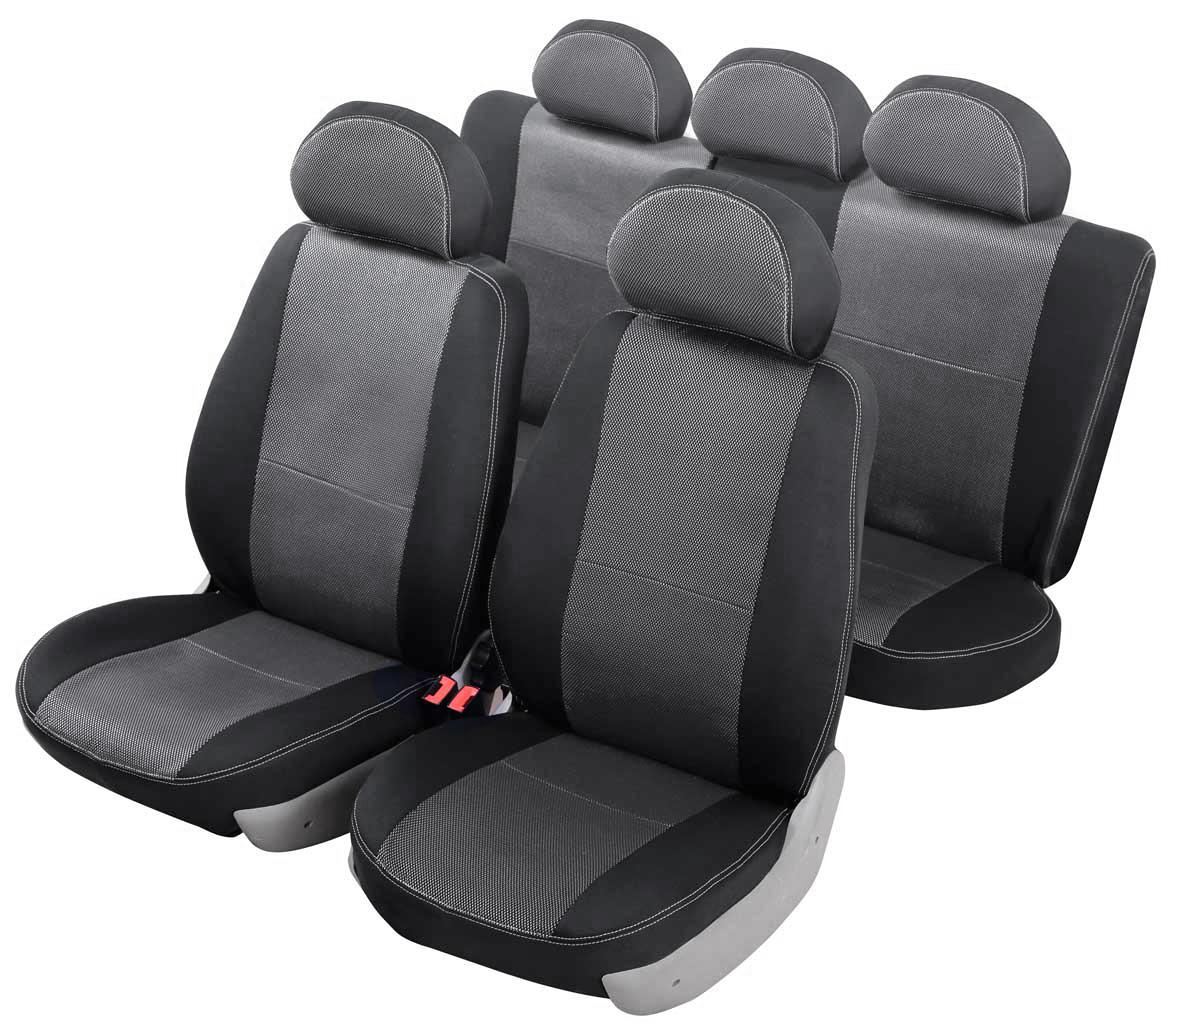 Чехол на автомобильное кресло Senator Dakkar CHEVROLET LACETTI 2004-2013, цвет: черныйS3010121Разработаны в РФ индивидуально для каждой модели автомобиля. Чехлы Senator Dakkar серийно выпускаются на собственном швейном производстве в России. Чехлы идеально повторяют штатную форму сидений и выглядят как оригинальная обивка сидений. Для простоты установки используется липучка Velcro, учтены все технологические отверстия. Чехлы сохраняют полную функциональность салона – трасформация сидений, возможность установки детских кресел ISOFIX, не препятствуют работе подушек безопасности AIRBAG и подогрева сидений. Дизайн чехлов Senator Dakkar приближен к оригинальной обивке салона. Чехлы имеют вставки из жаккарда по центру переднего сиденья и на подголовниках. Декоративная контрастная прострочка по периметру авточехлов придает стильный и изысканный внешний вид интерьеру автомобиля. Чехлы Senator Dakkar изготовлены из сверхпрочного жаккарда, триплированного огнеупорным поролоном толщиной 3 мм, за счет чего чехол приобретает дополнительную мягкость. Подложка из спандбонда сохраняет...